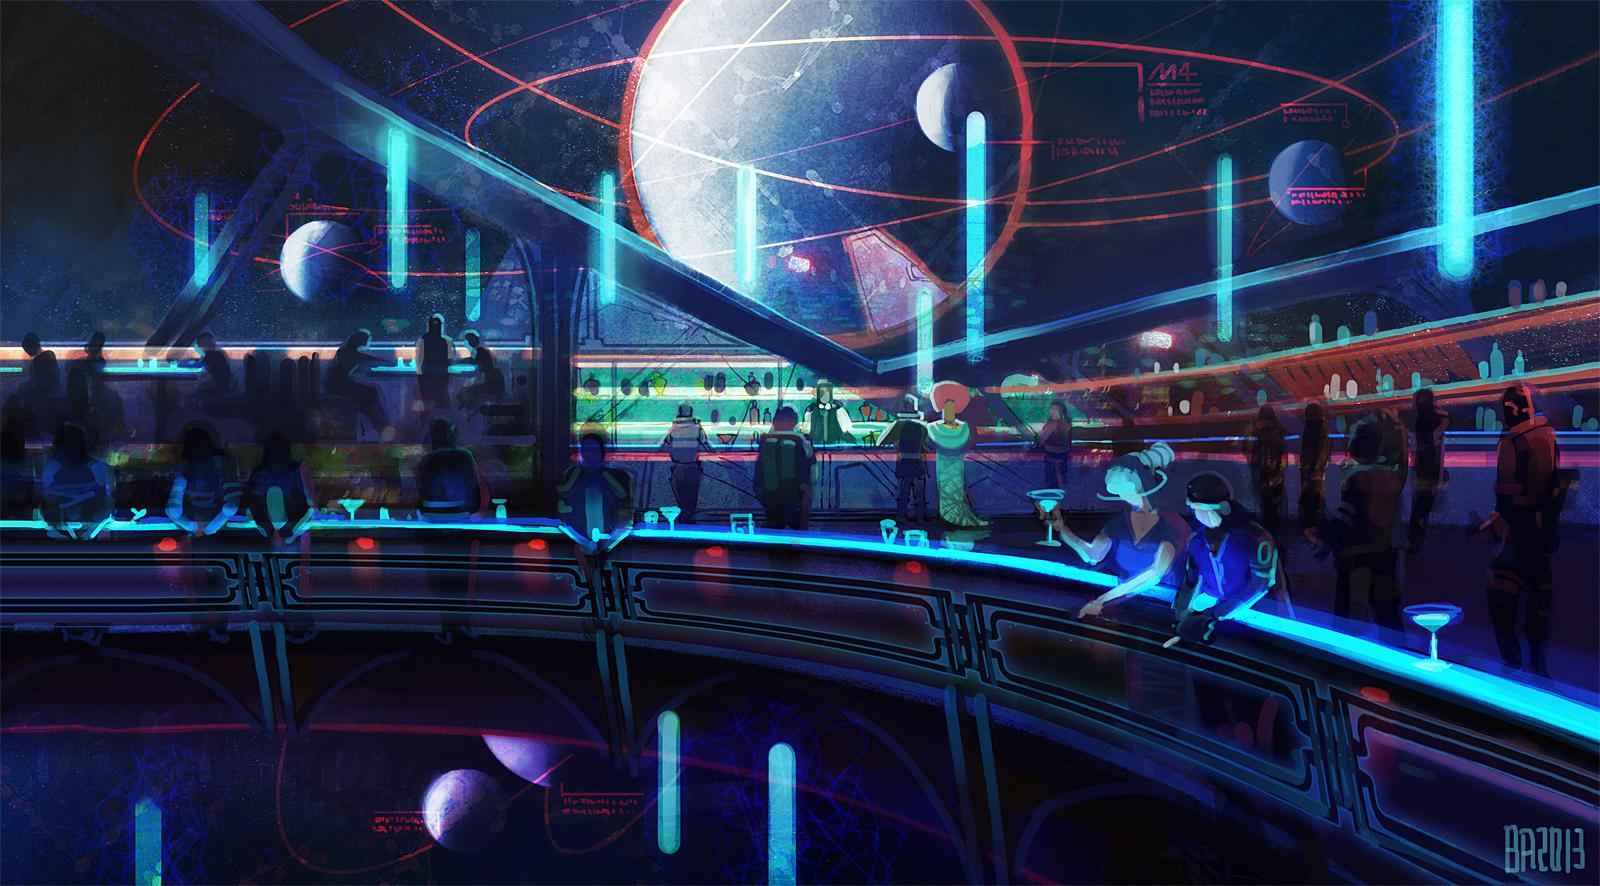 orbit_bar by Ben-Andrews